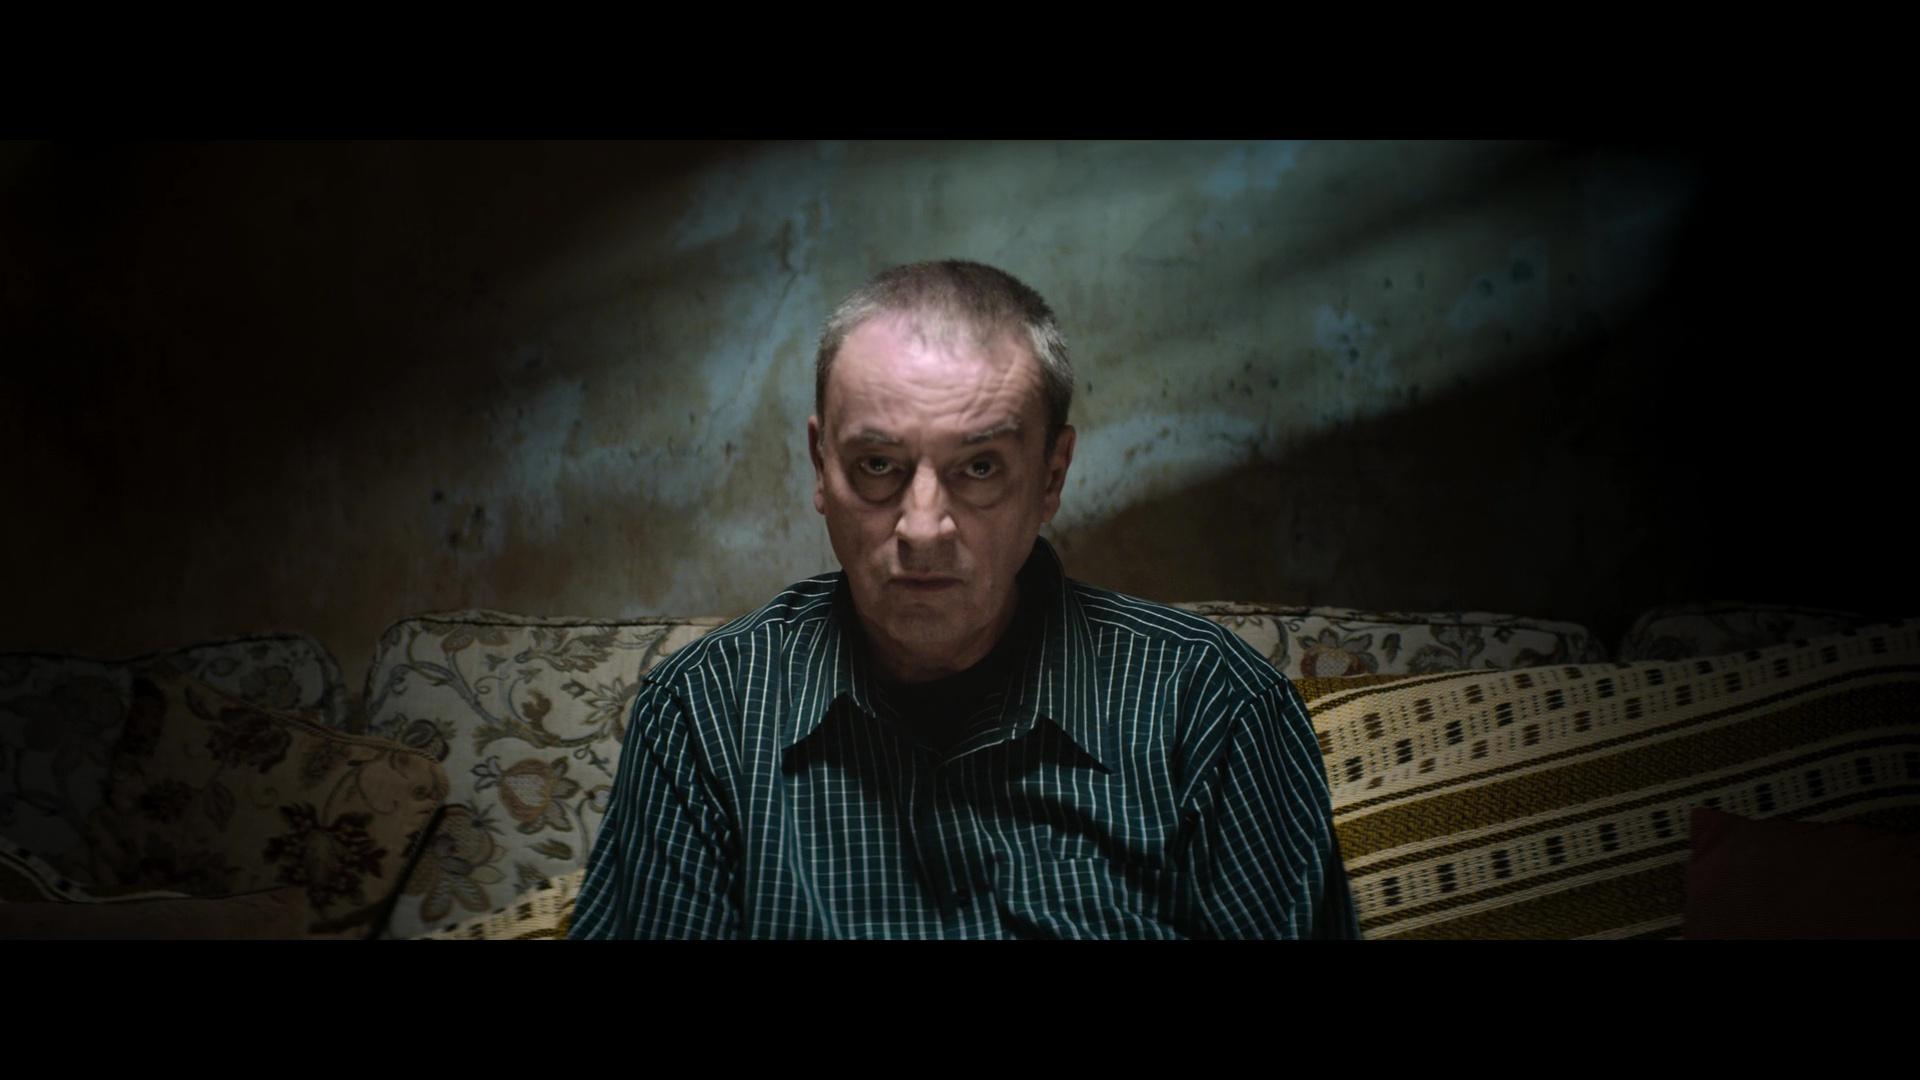 Memorias de un asesino: Las cintas de Nilsen (2021) 1080p WEB-DL Latino